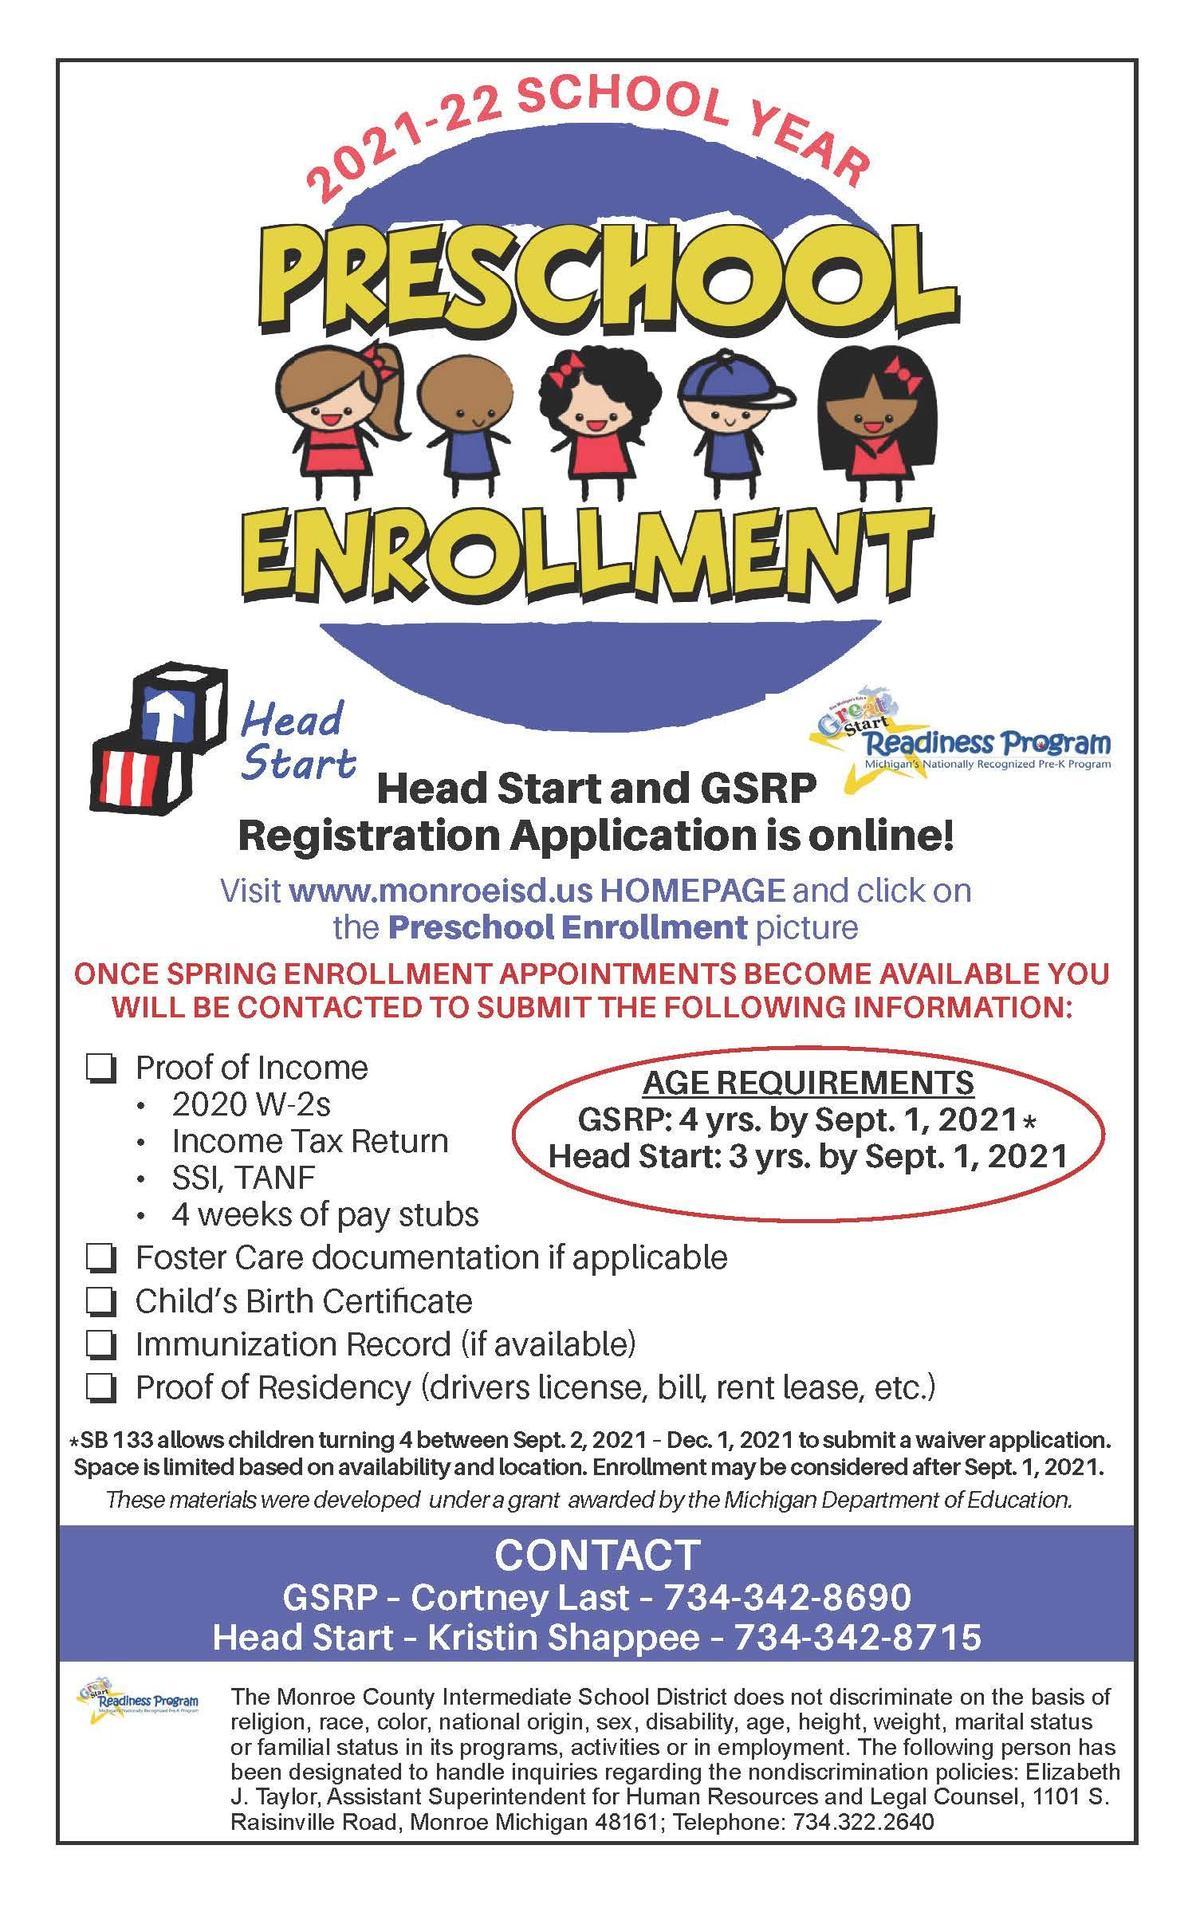 Preschool Enrollment GSRP Fall 2021